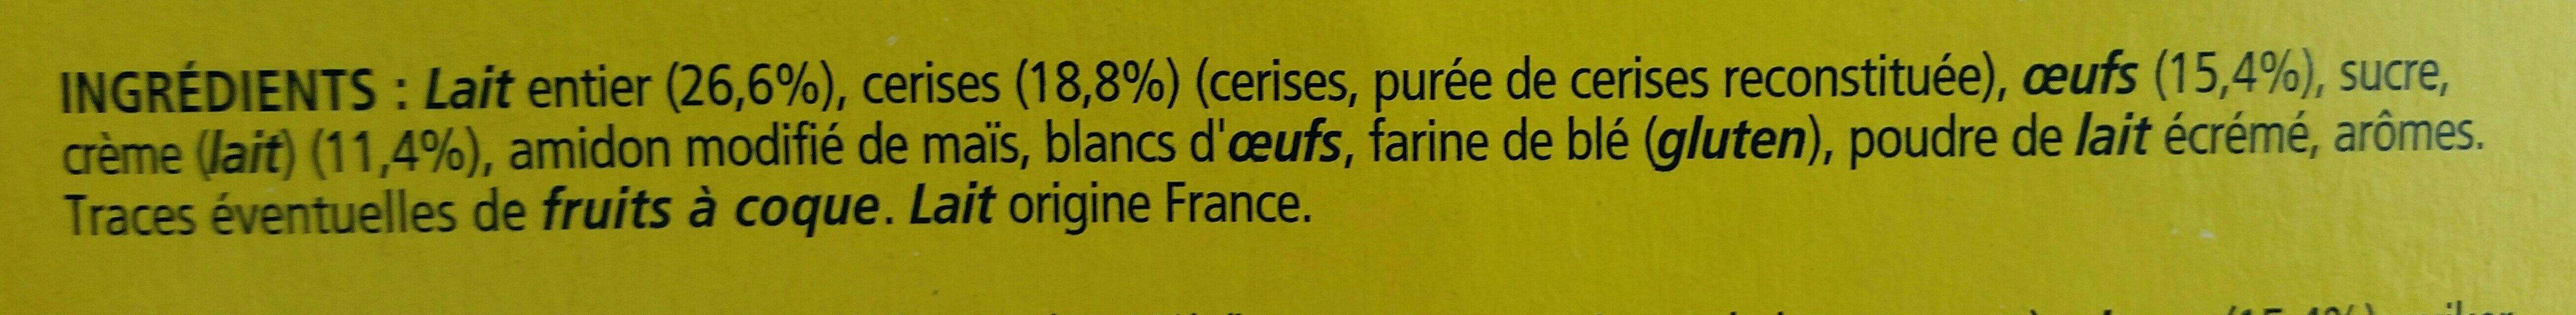 La Laitière clafoutis aux cerises - Ingrediënten - fr